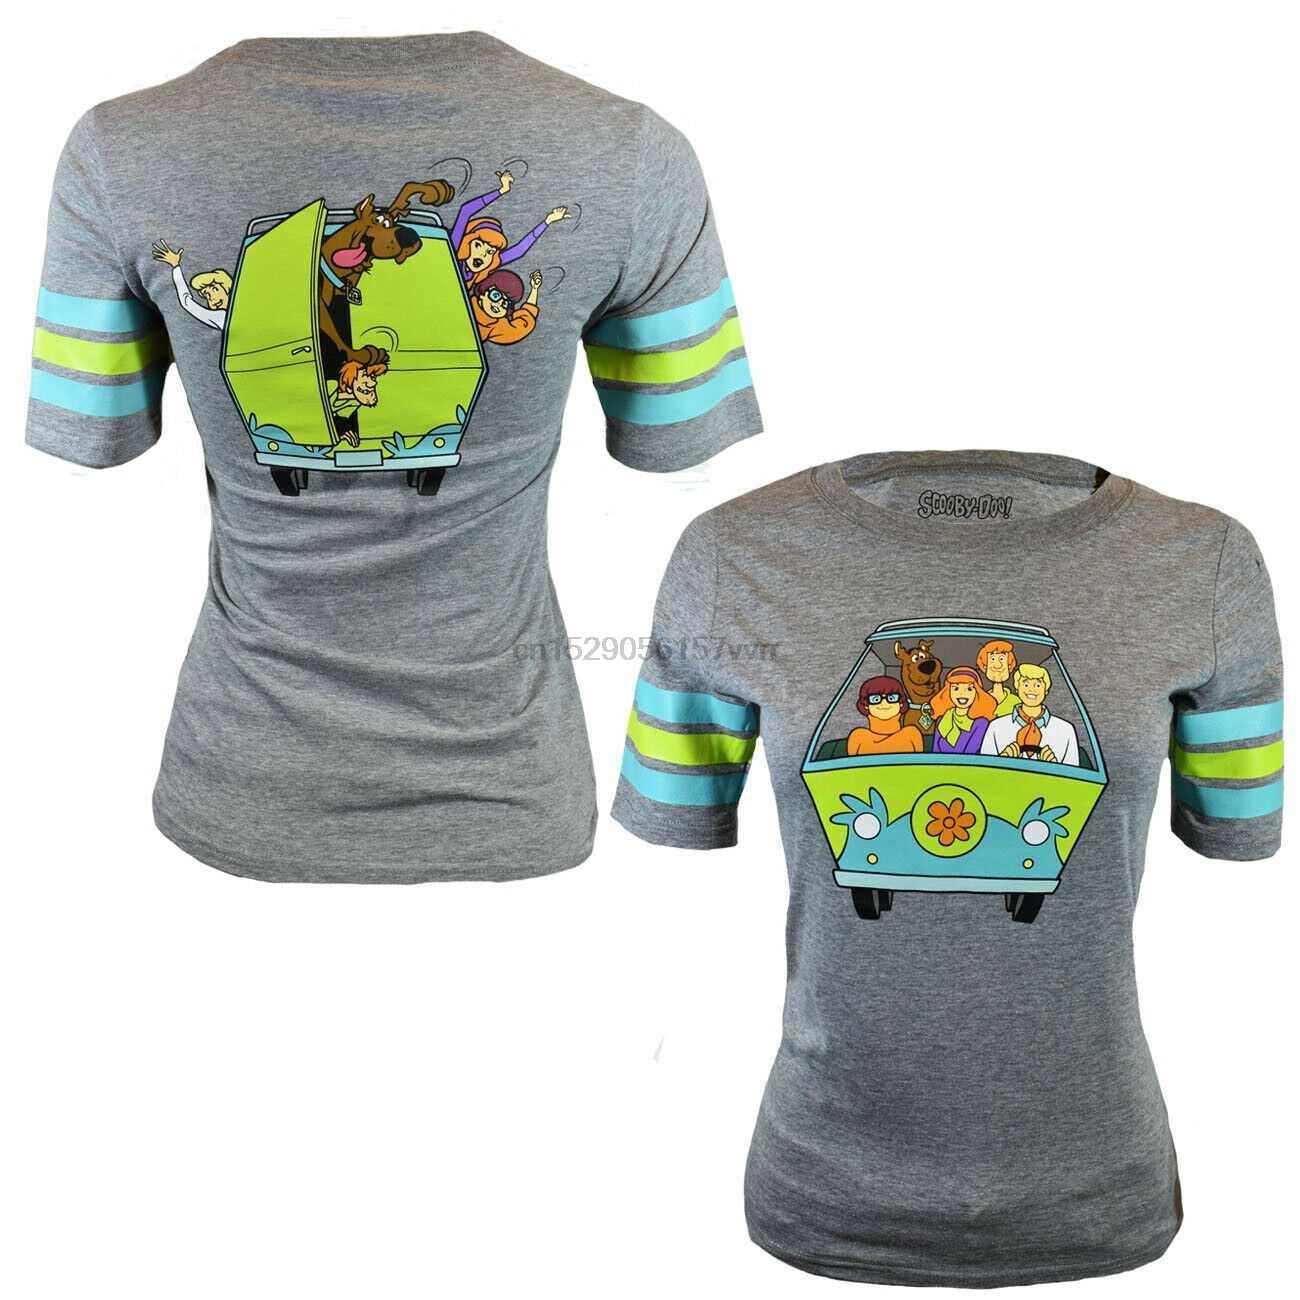 Scooby Doo Womens T 셔츠 Shaggy Daphne Velma Fred US Tee 코튼 S M L XL NEW